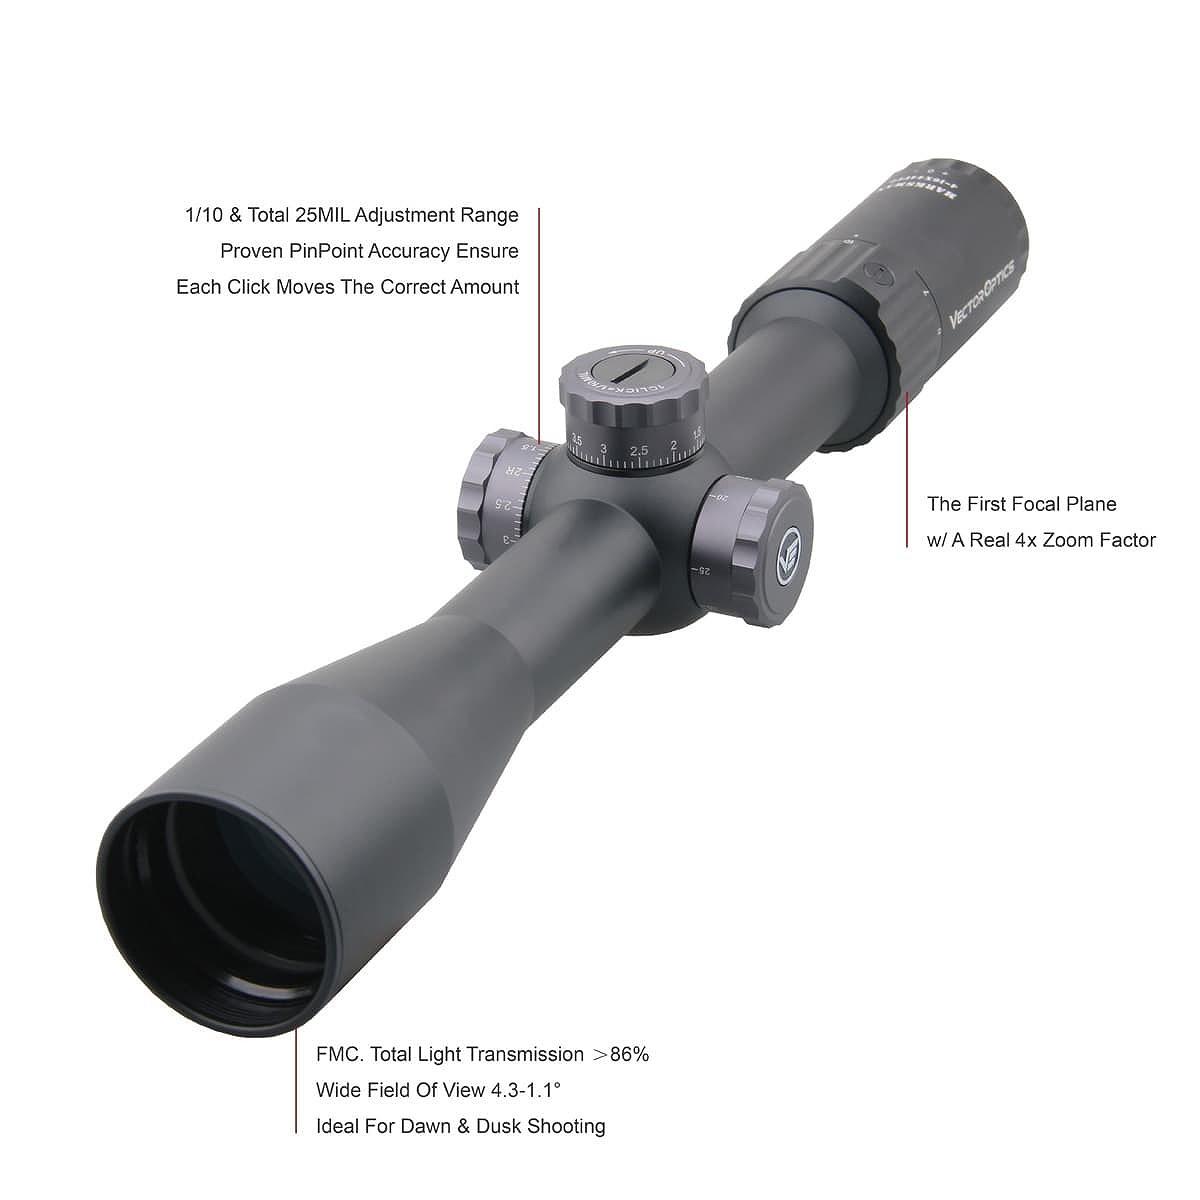 【お届け予定日: 5月30日】ベクターオプティクス ライフルスコープ Marksman 4-16x44FFP  Vector Optics SCFF-25